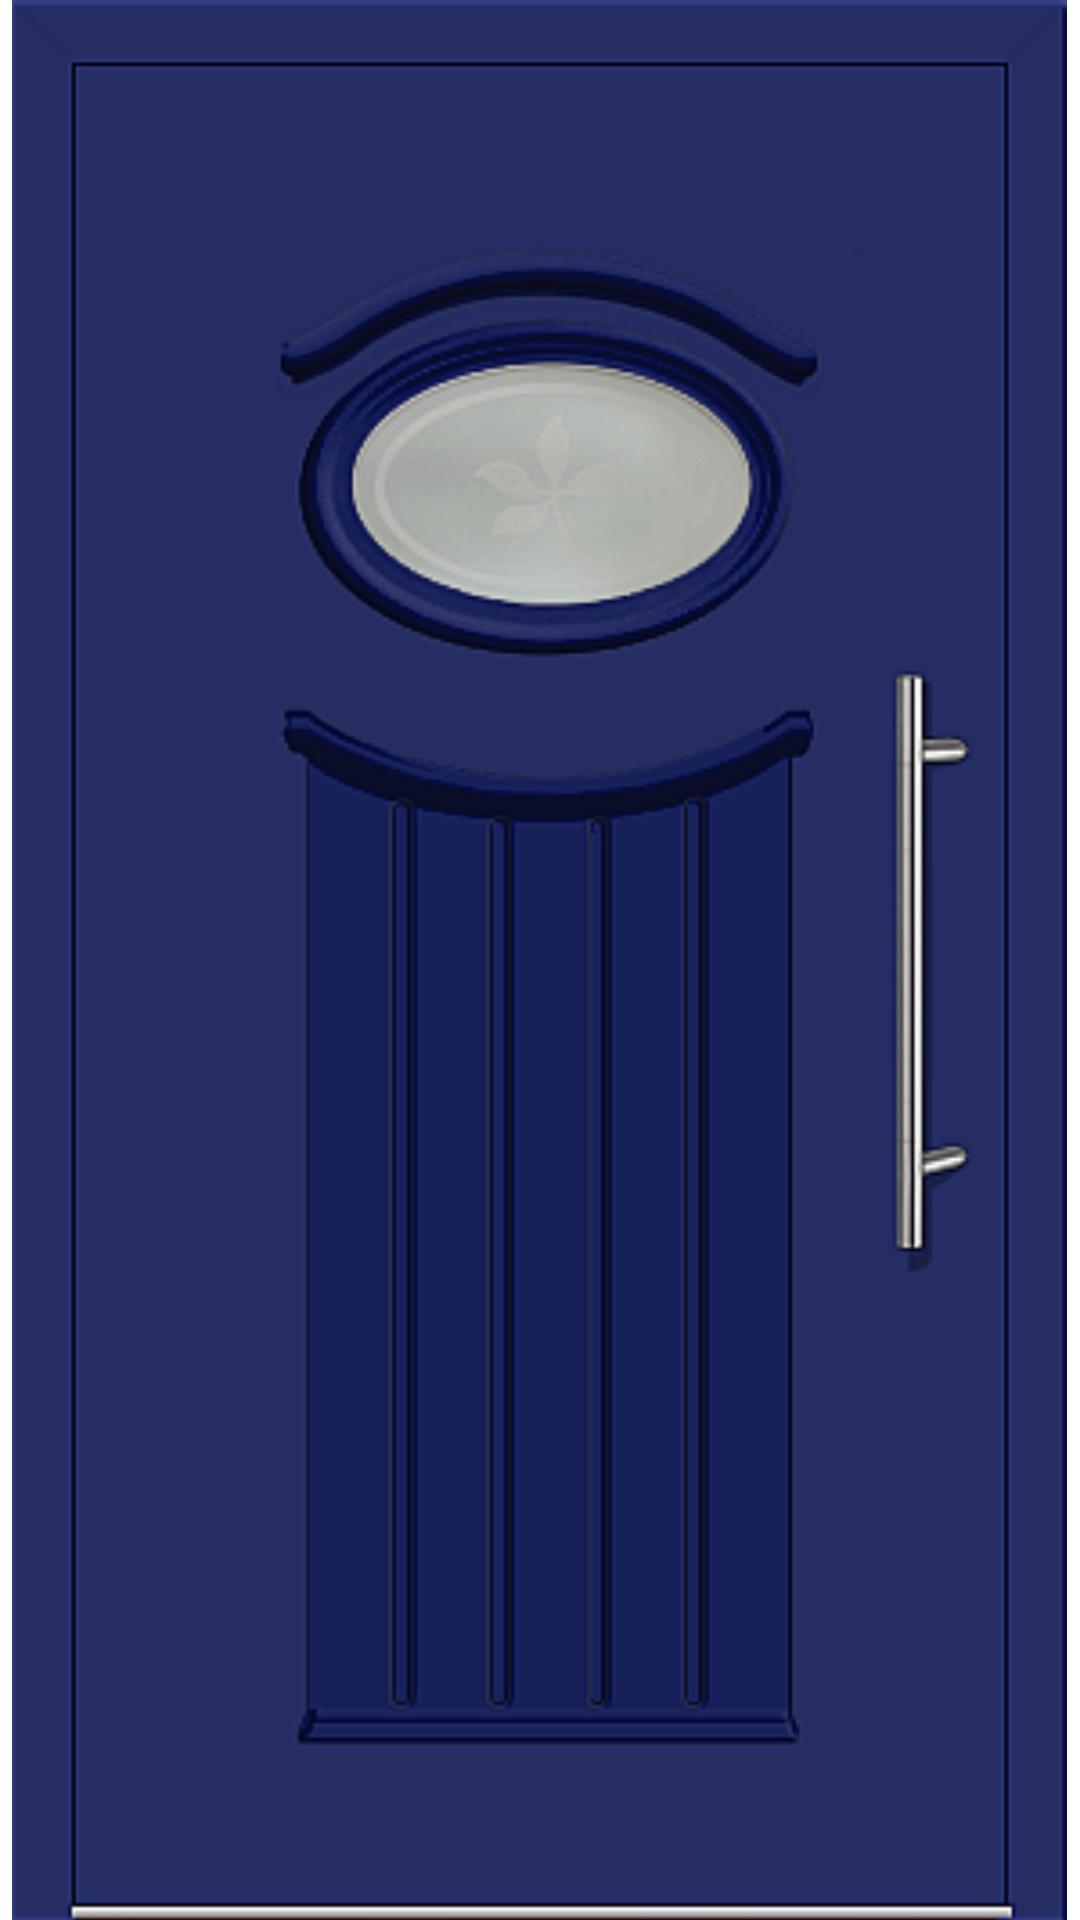 Kunststoff Haustür Modell 6447-11 ultramarinblau